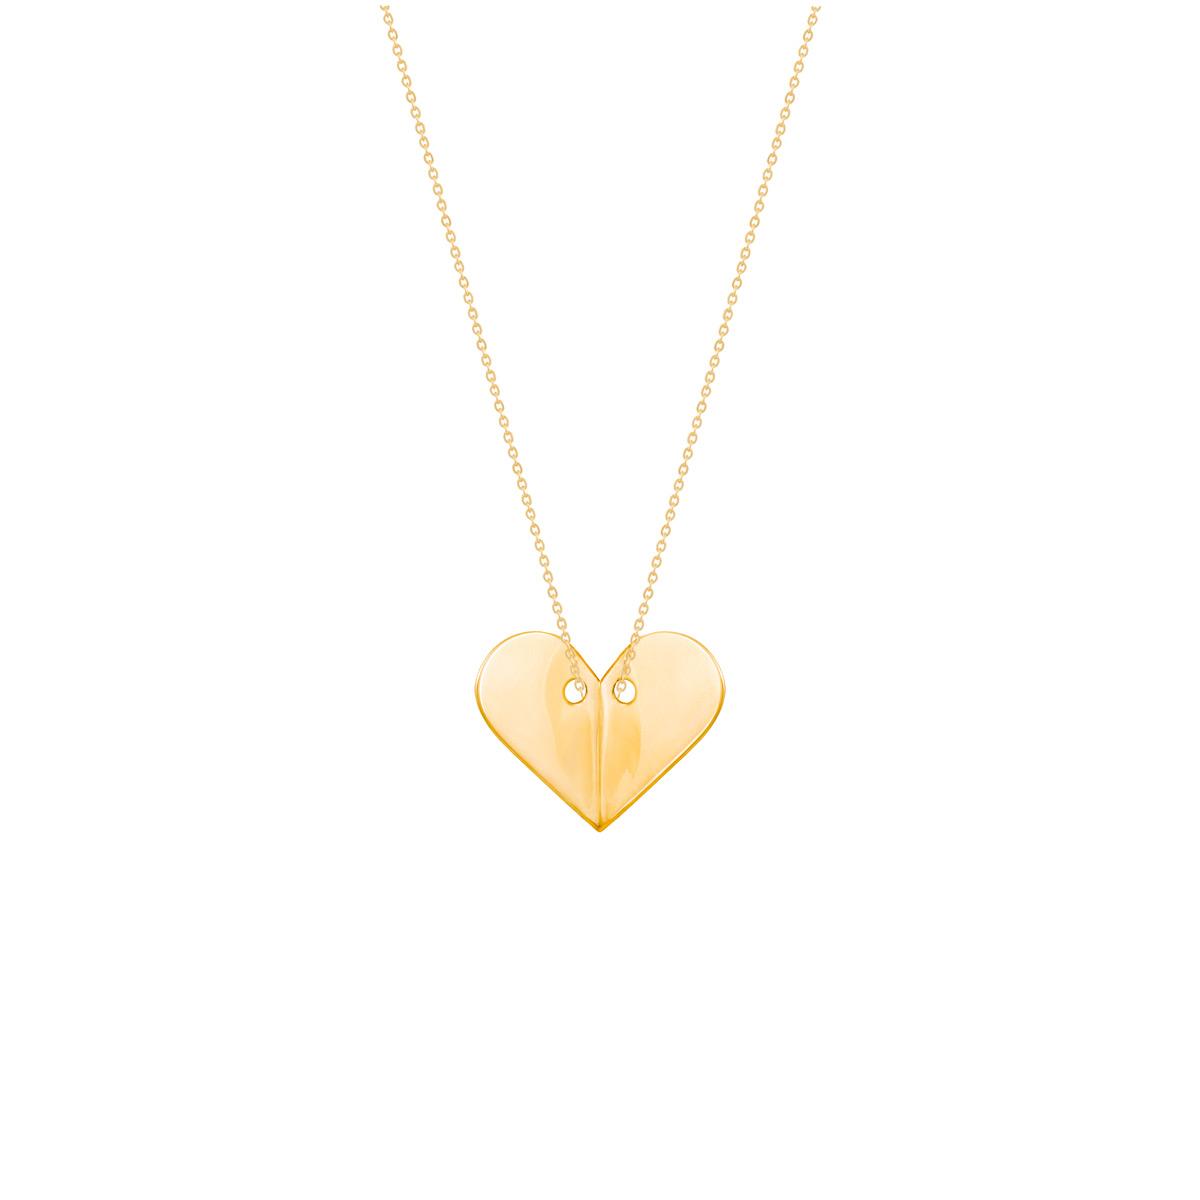 گردنبند طلا پلاک قلب پرسته |parasteh